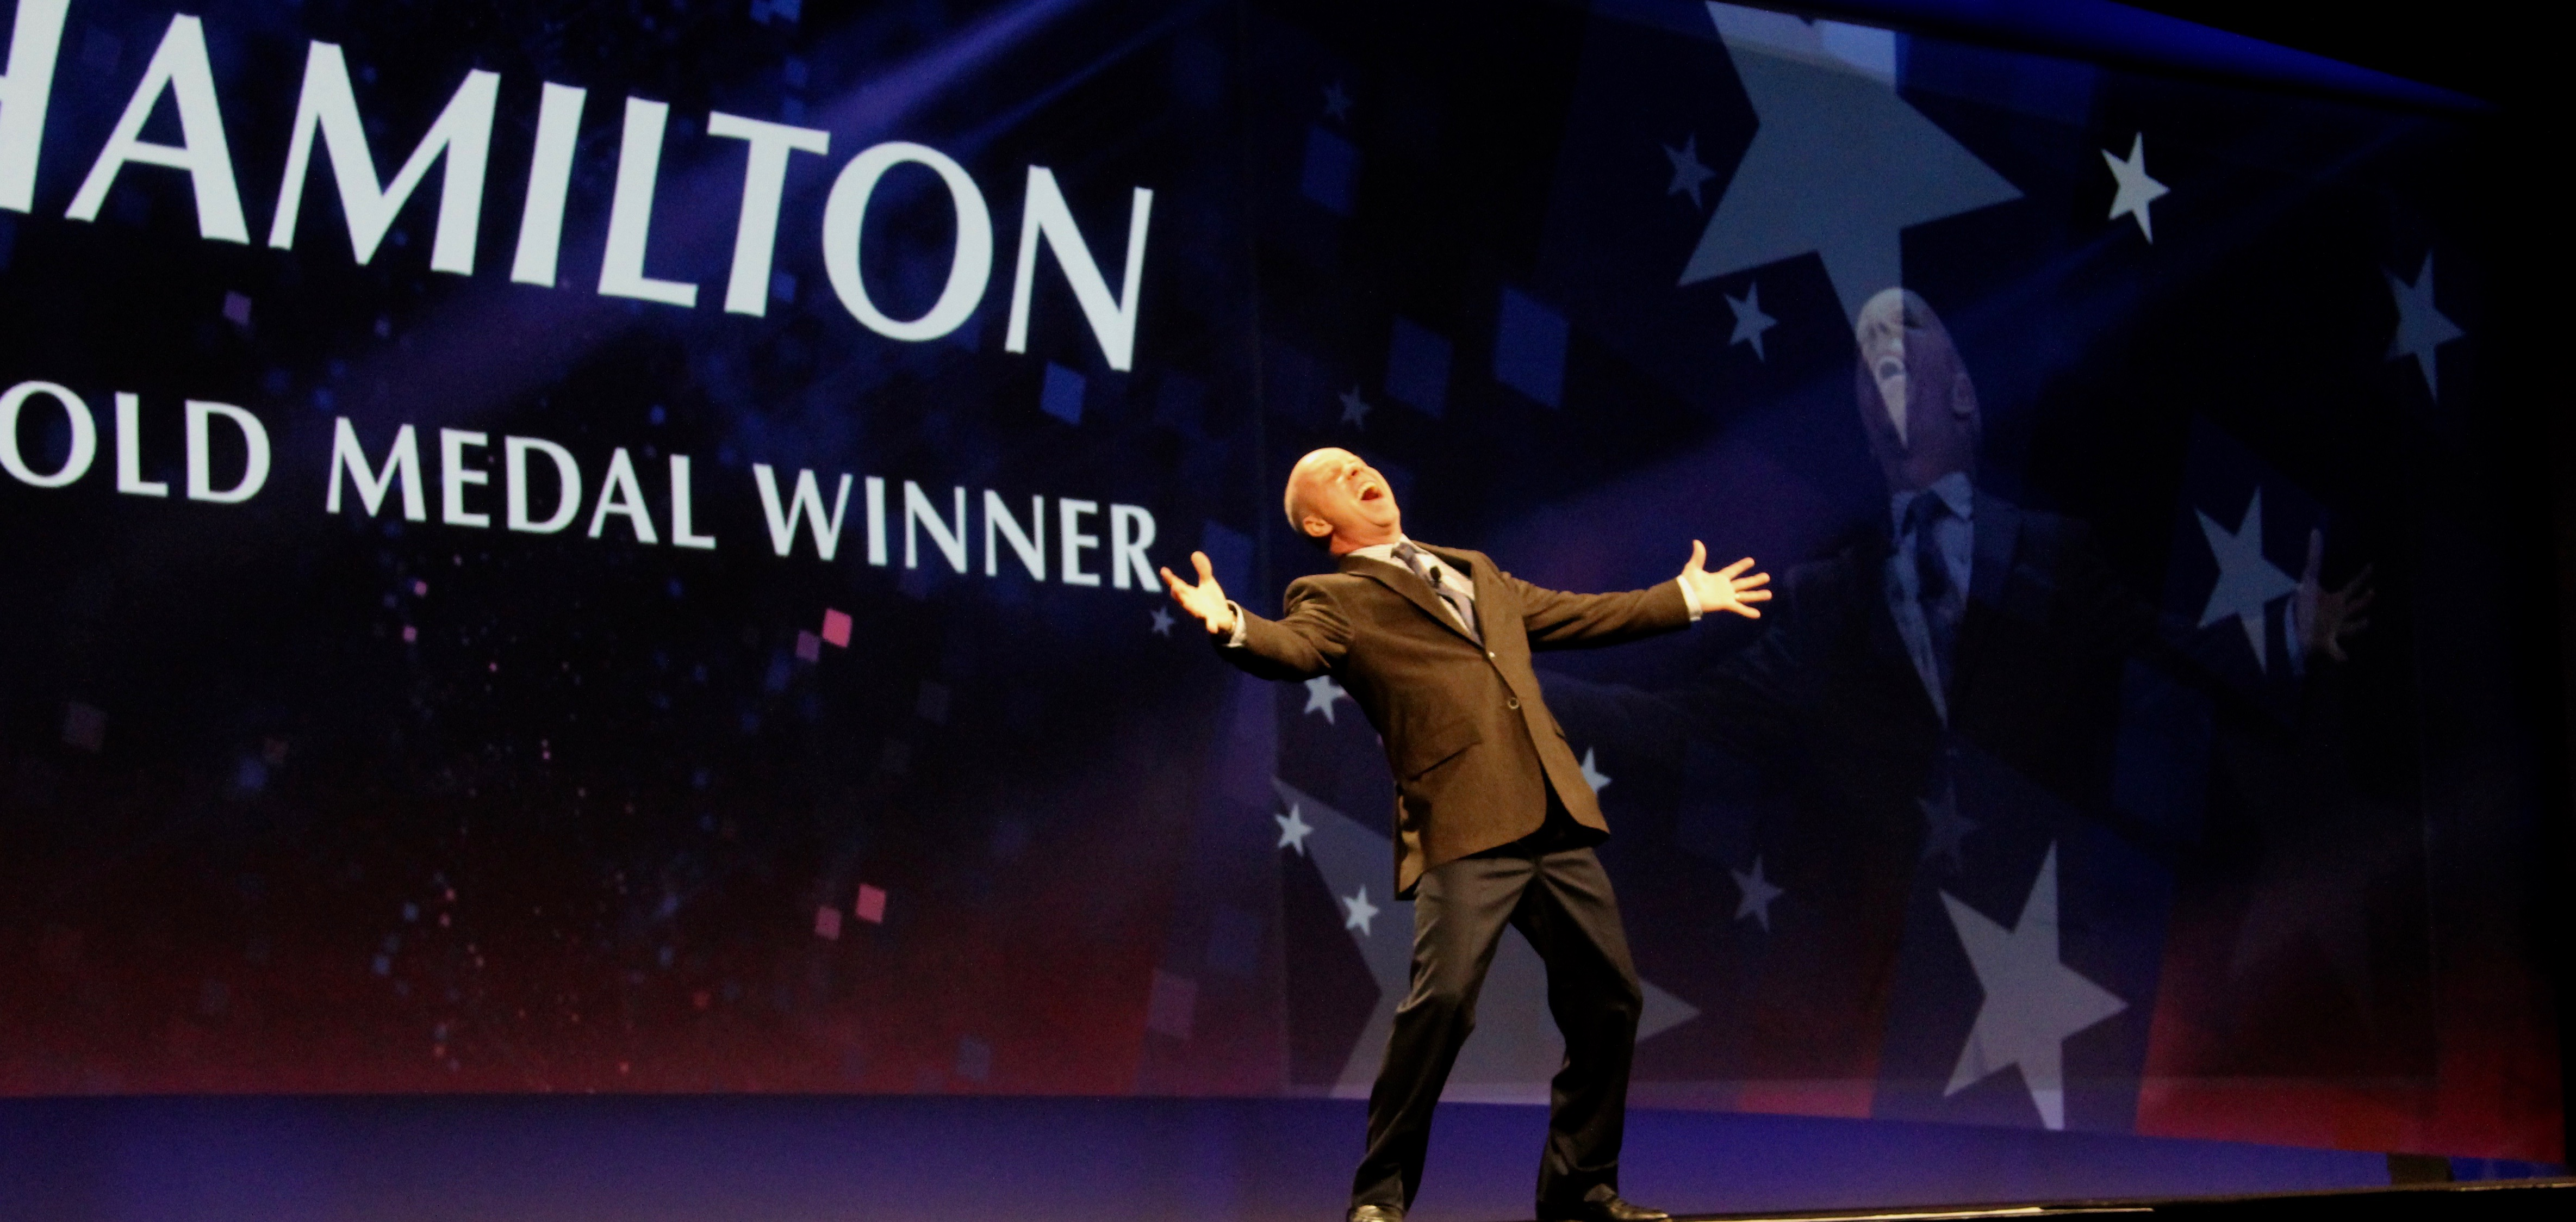 Scott Hamilton Olympic Gold Medal Winner